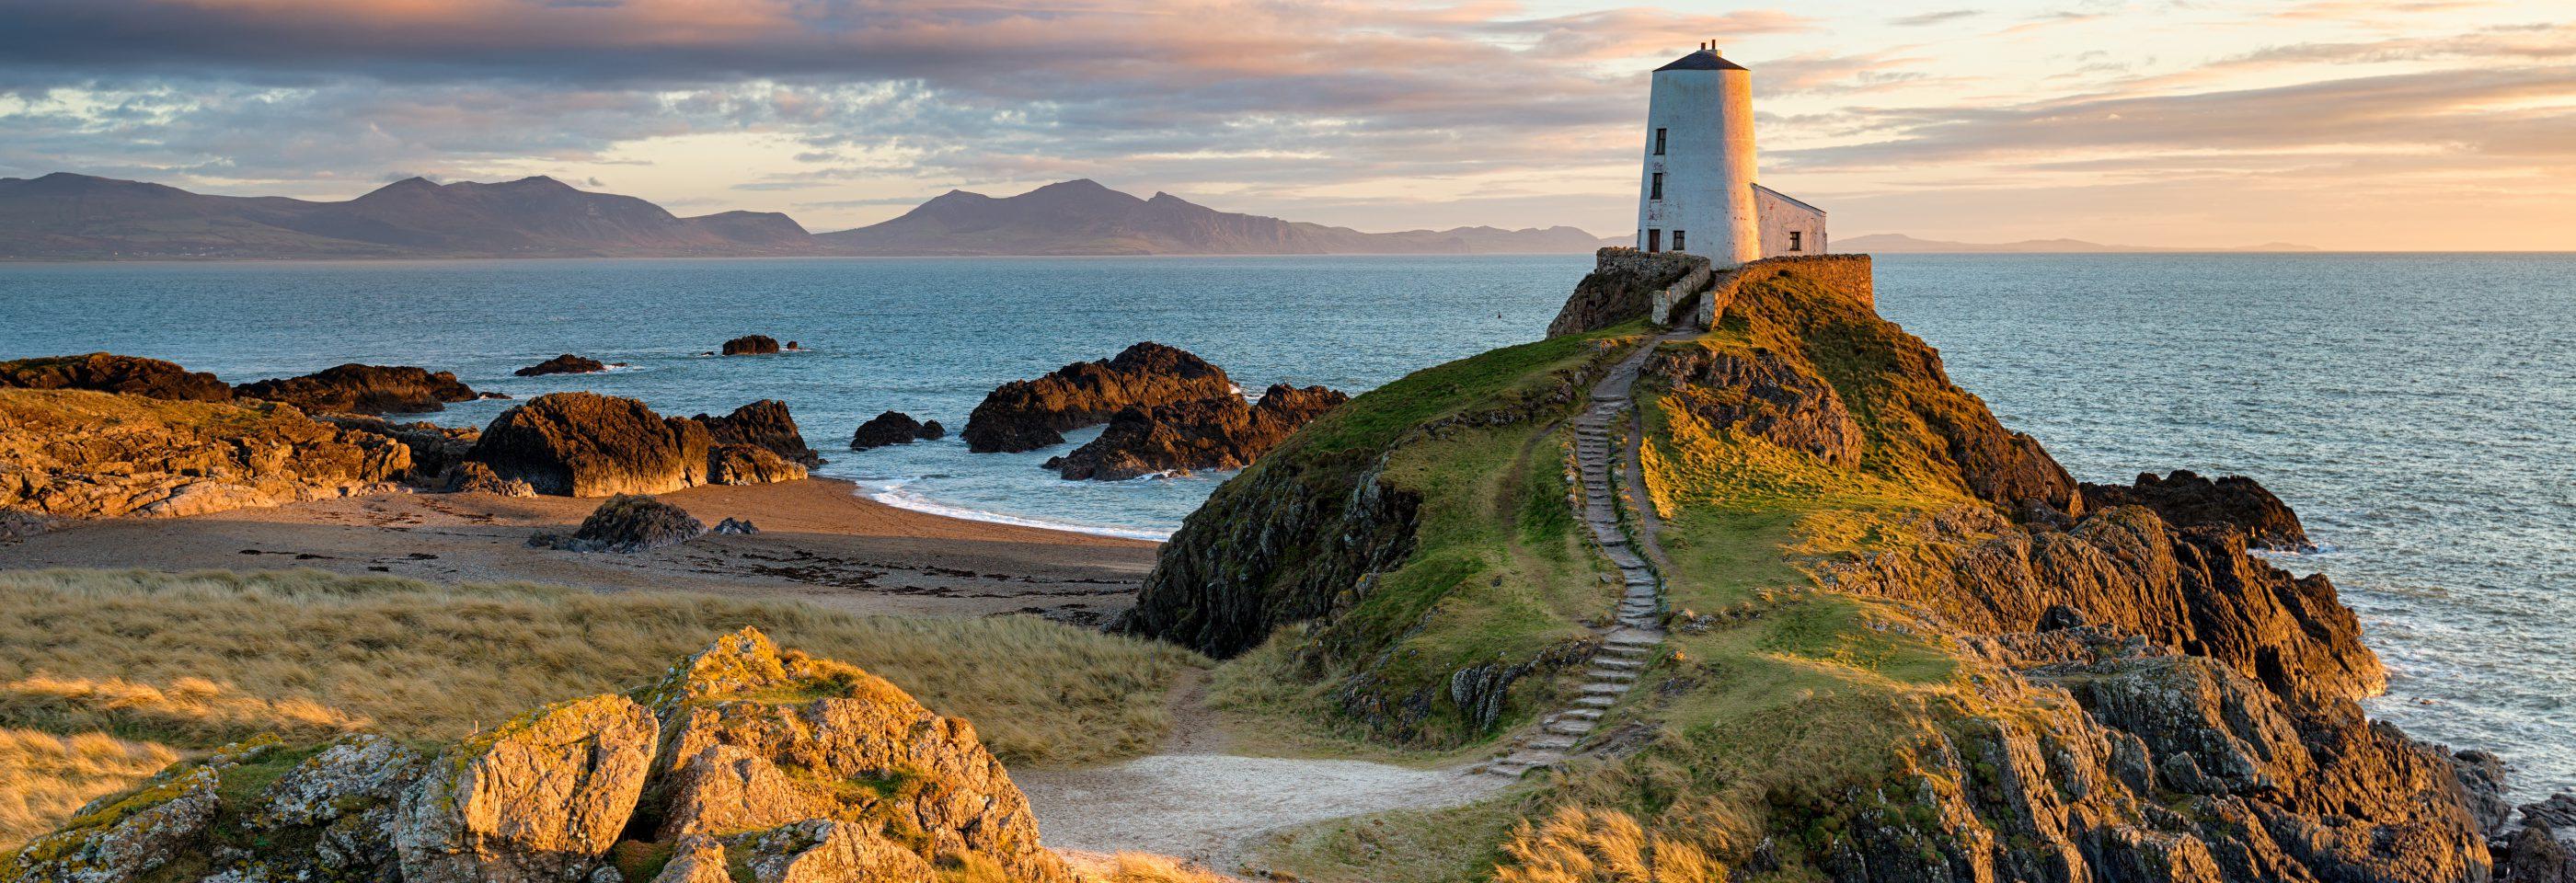 Wales Coast Path | WTM Global Hub